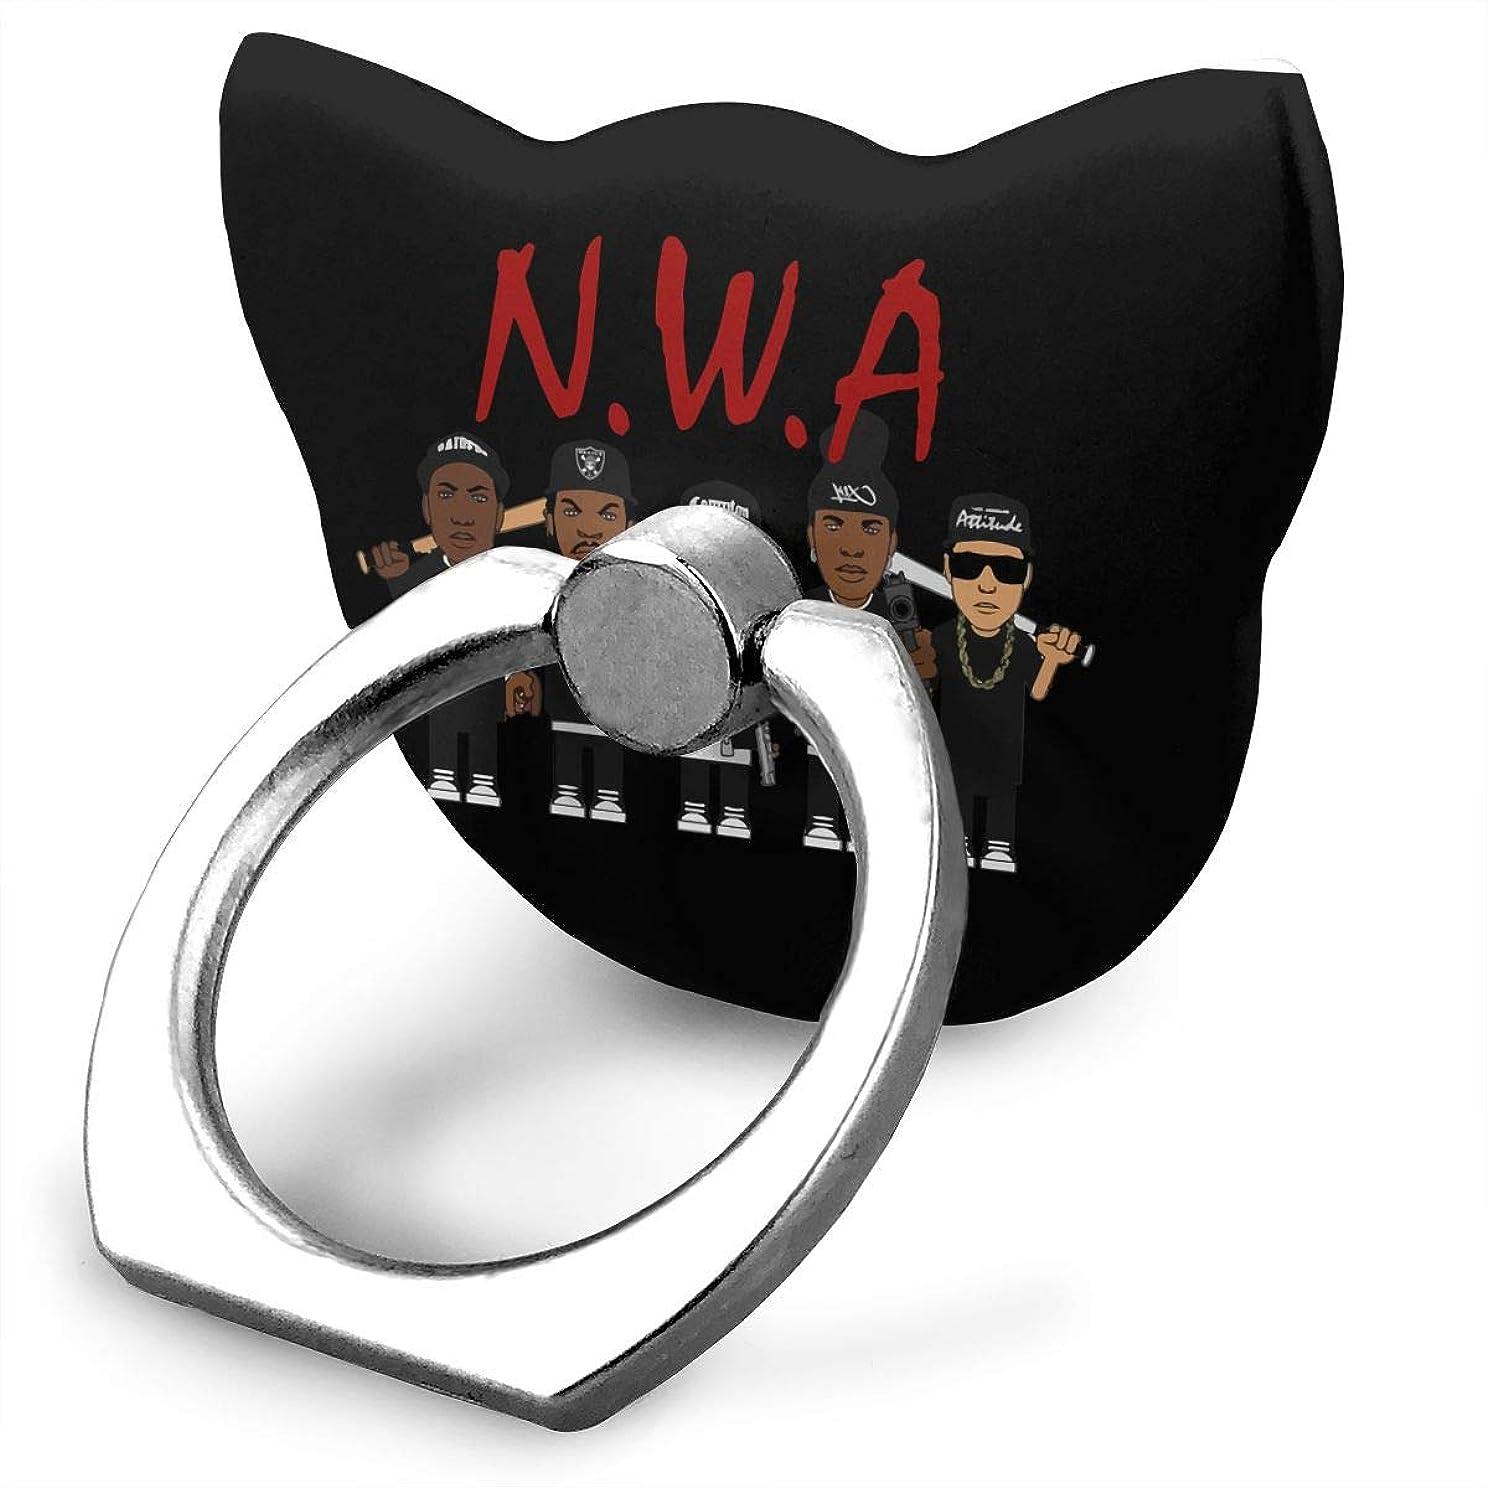 ポーチ本を読むピアN.W.A West Coast Hip Hop Group Cartoon Member スマホリング 猫耳 薄型 ネコ型 スマホ りんぐ ホルダー 強吸着力 落下防止 携帯リング 360° 角度調整 IPhone/Android各種他対応